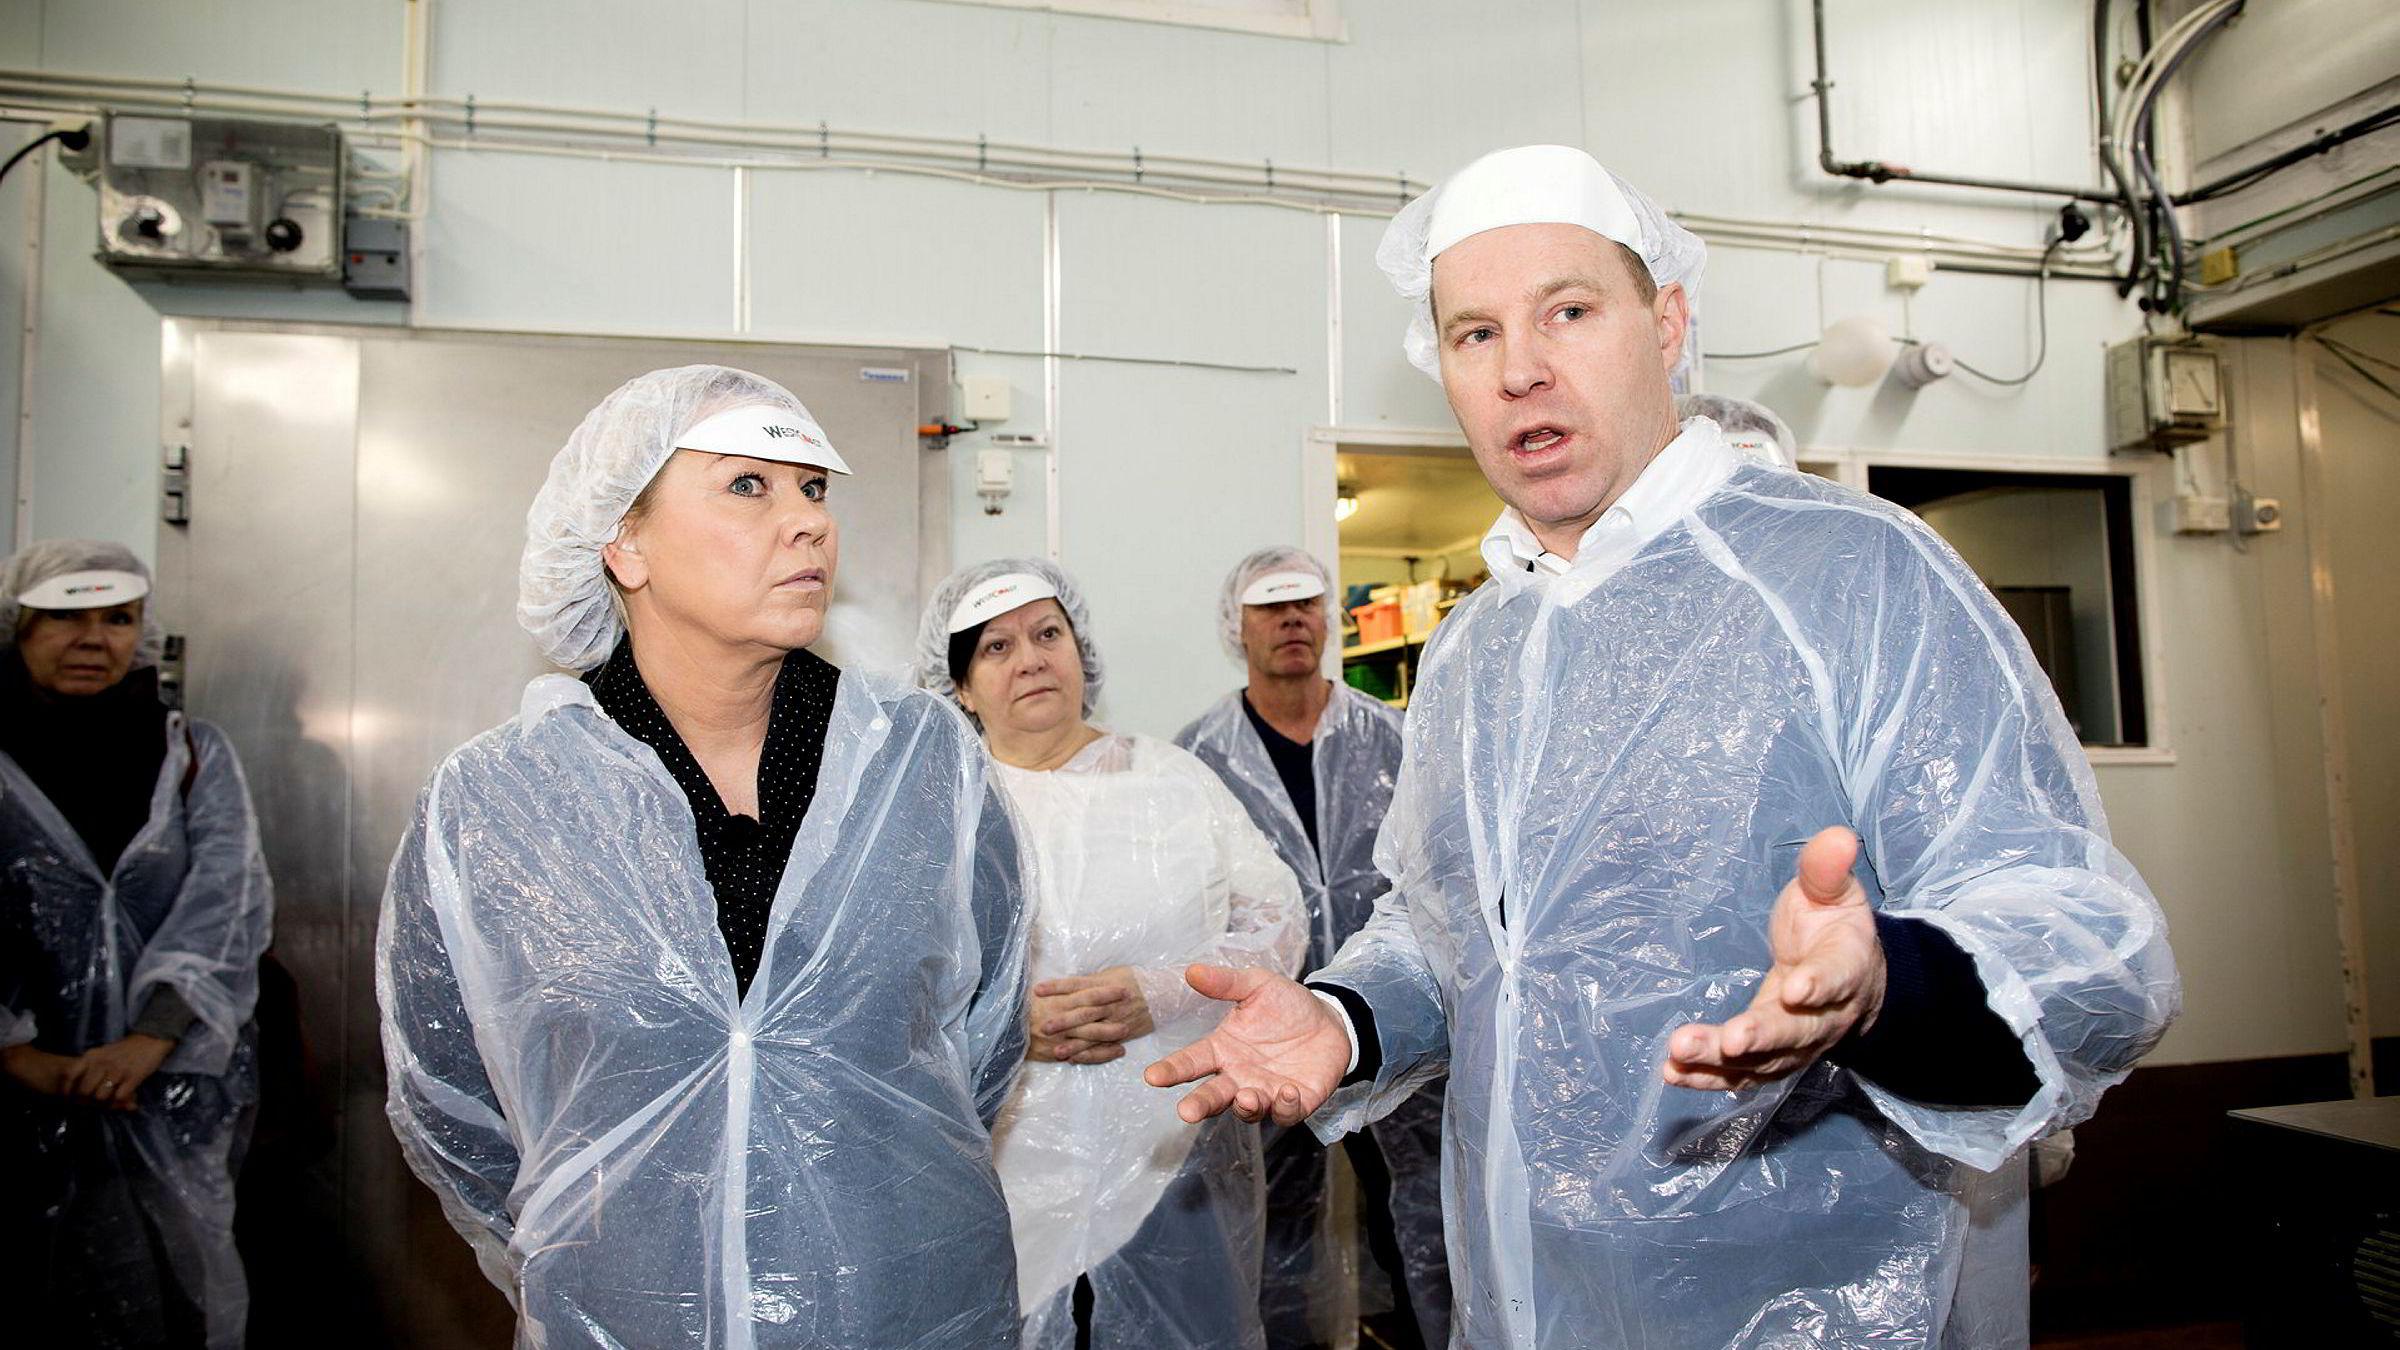 – Det må drastiske tiltak til for å bedre konkurransen i dagligvarebransjen, sier Godtlevert-gründer Kjetil Graver til næringsminister Monica Mæland under besøket hos Ferdigmat i Arendal torsdag.